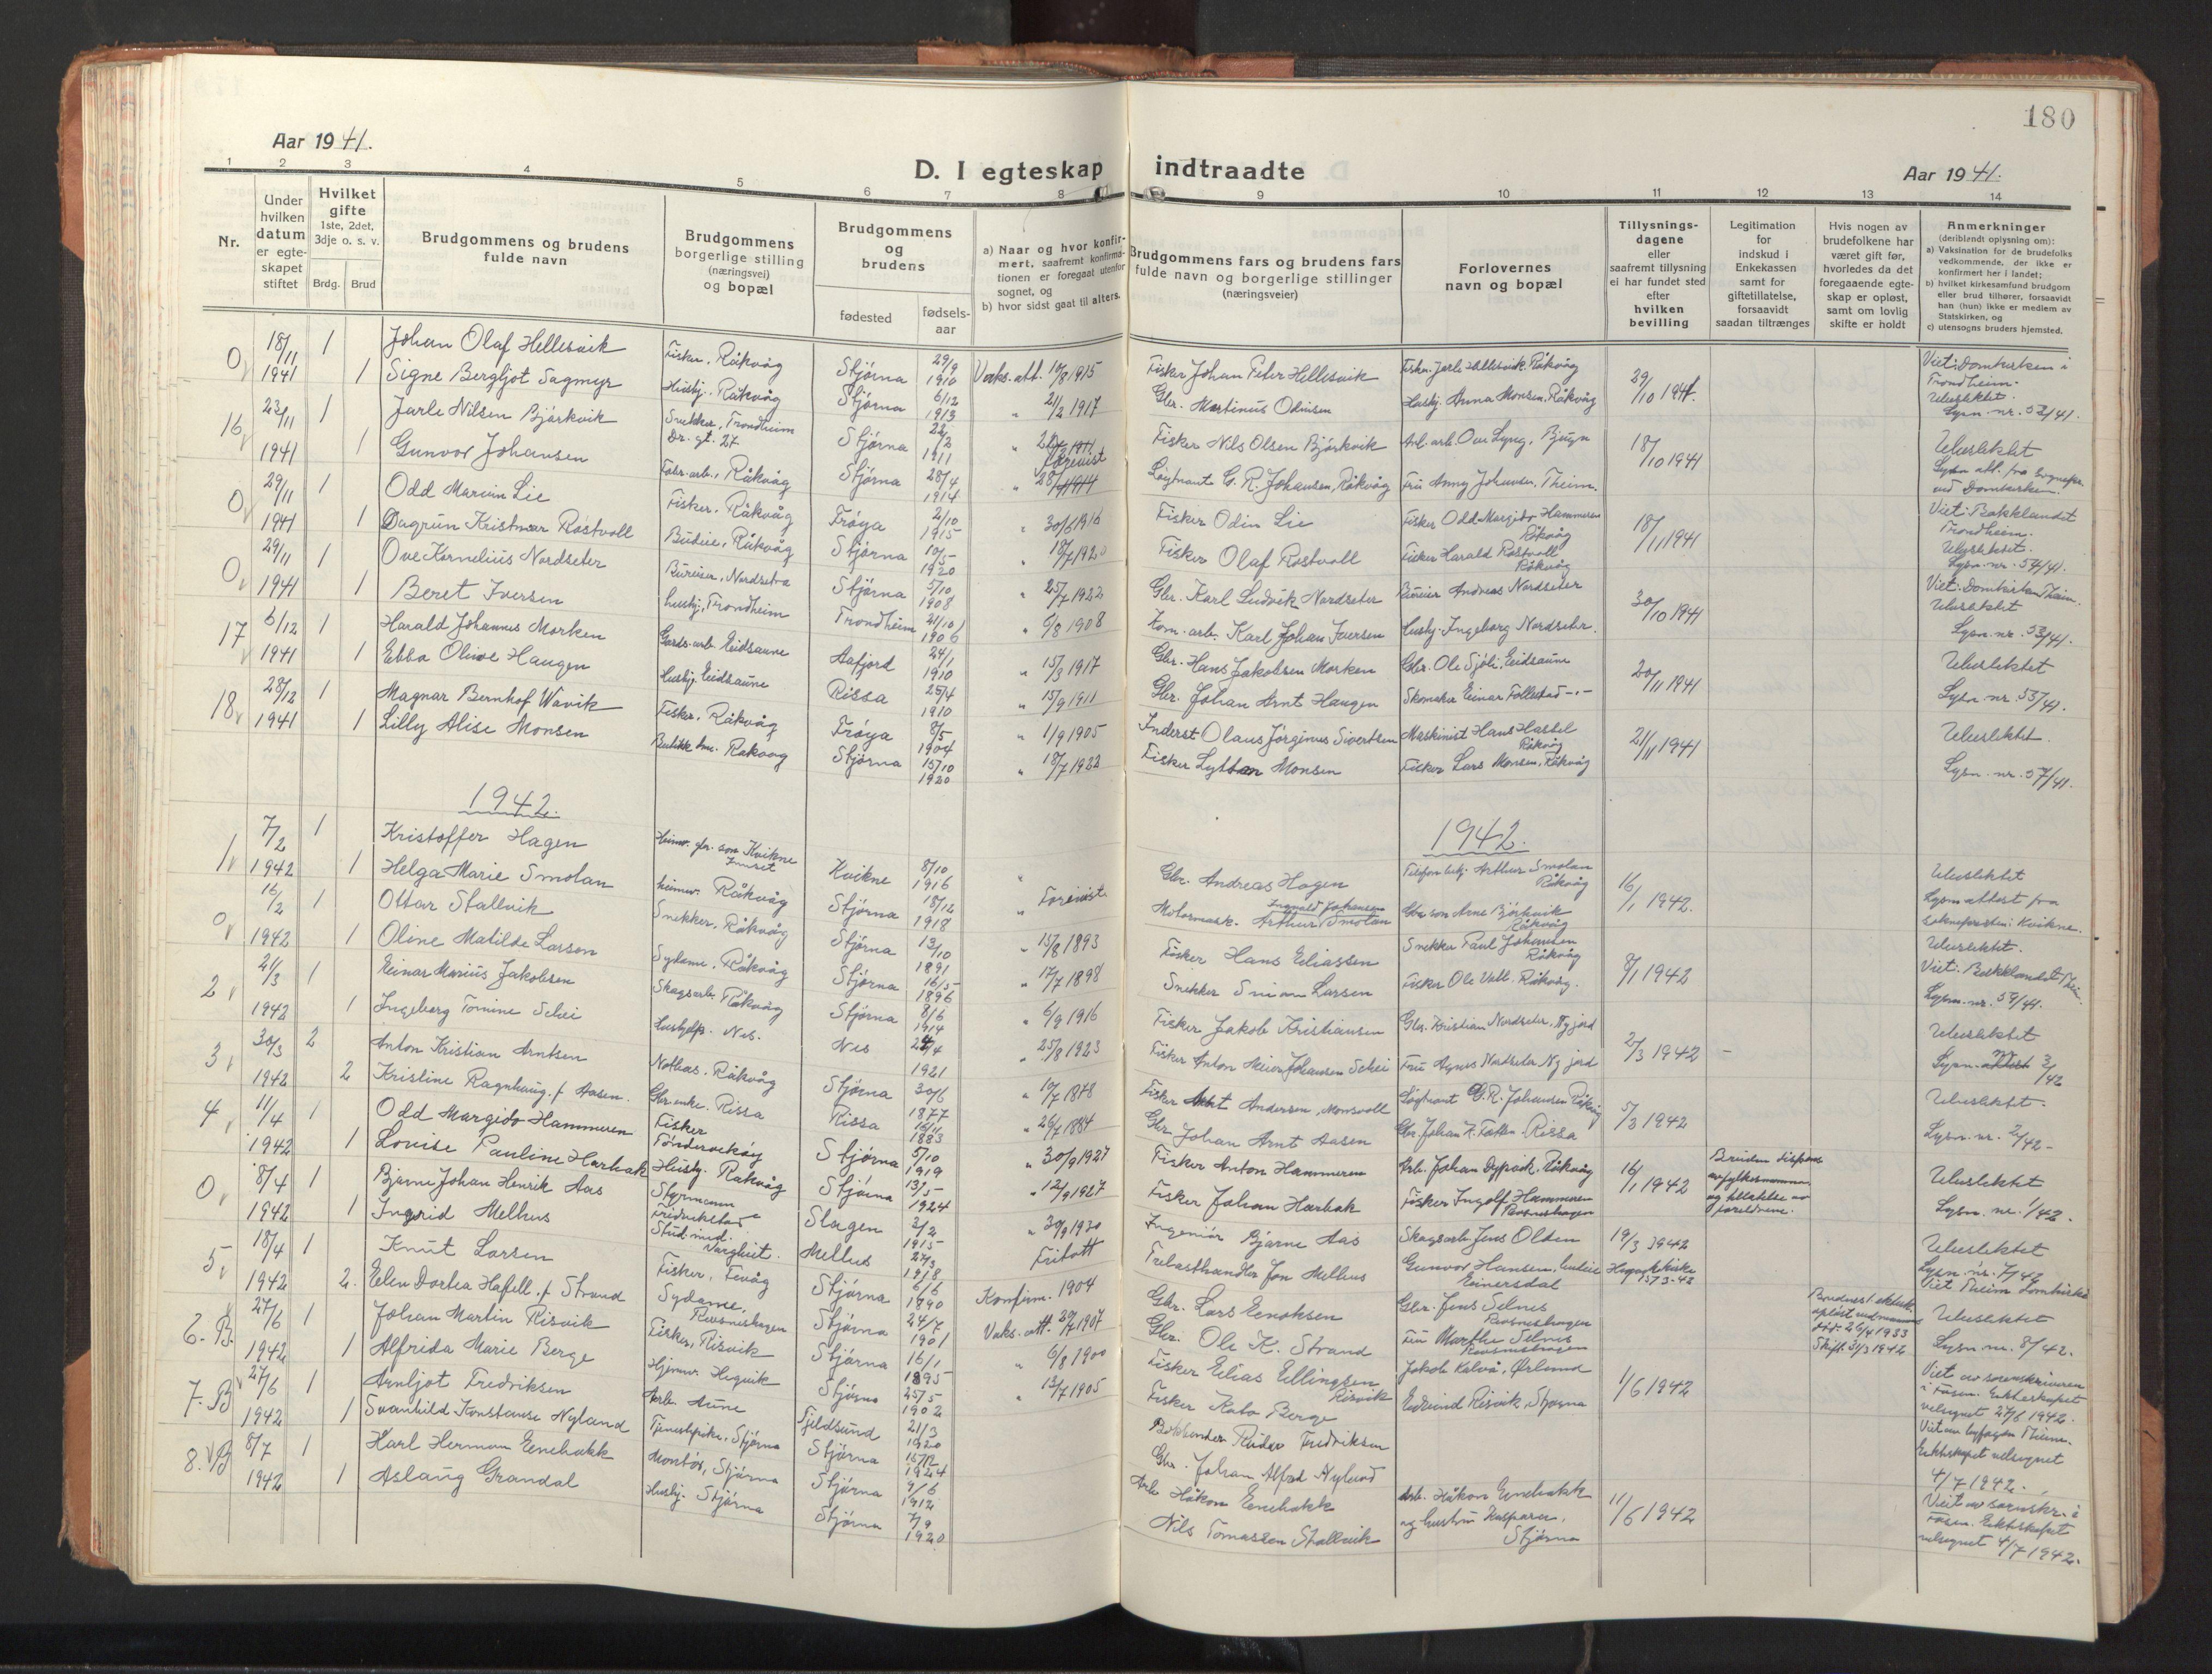 SAT, Ministerialprotokoller, klokkerbøker og fødselsregistre - Sør-Trøndelag, 653/L0658: Klokkerbok nr. 653C02, 1919-1947, s. 180